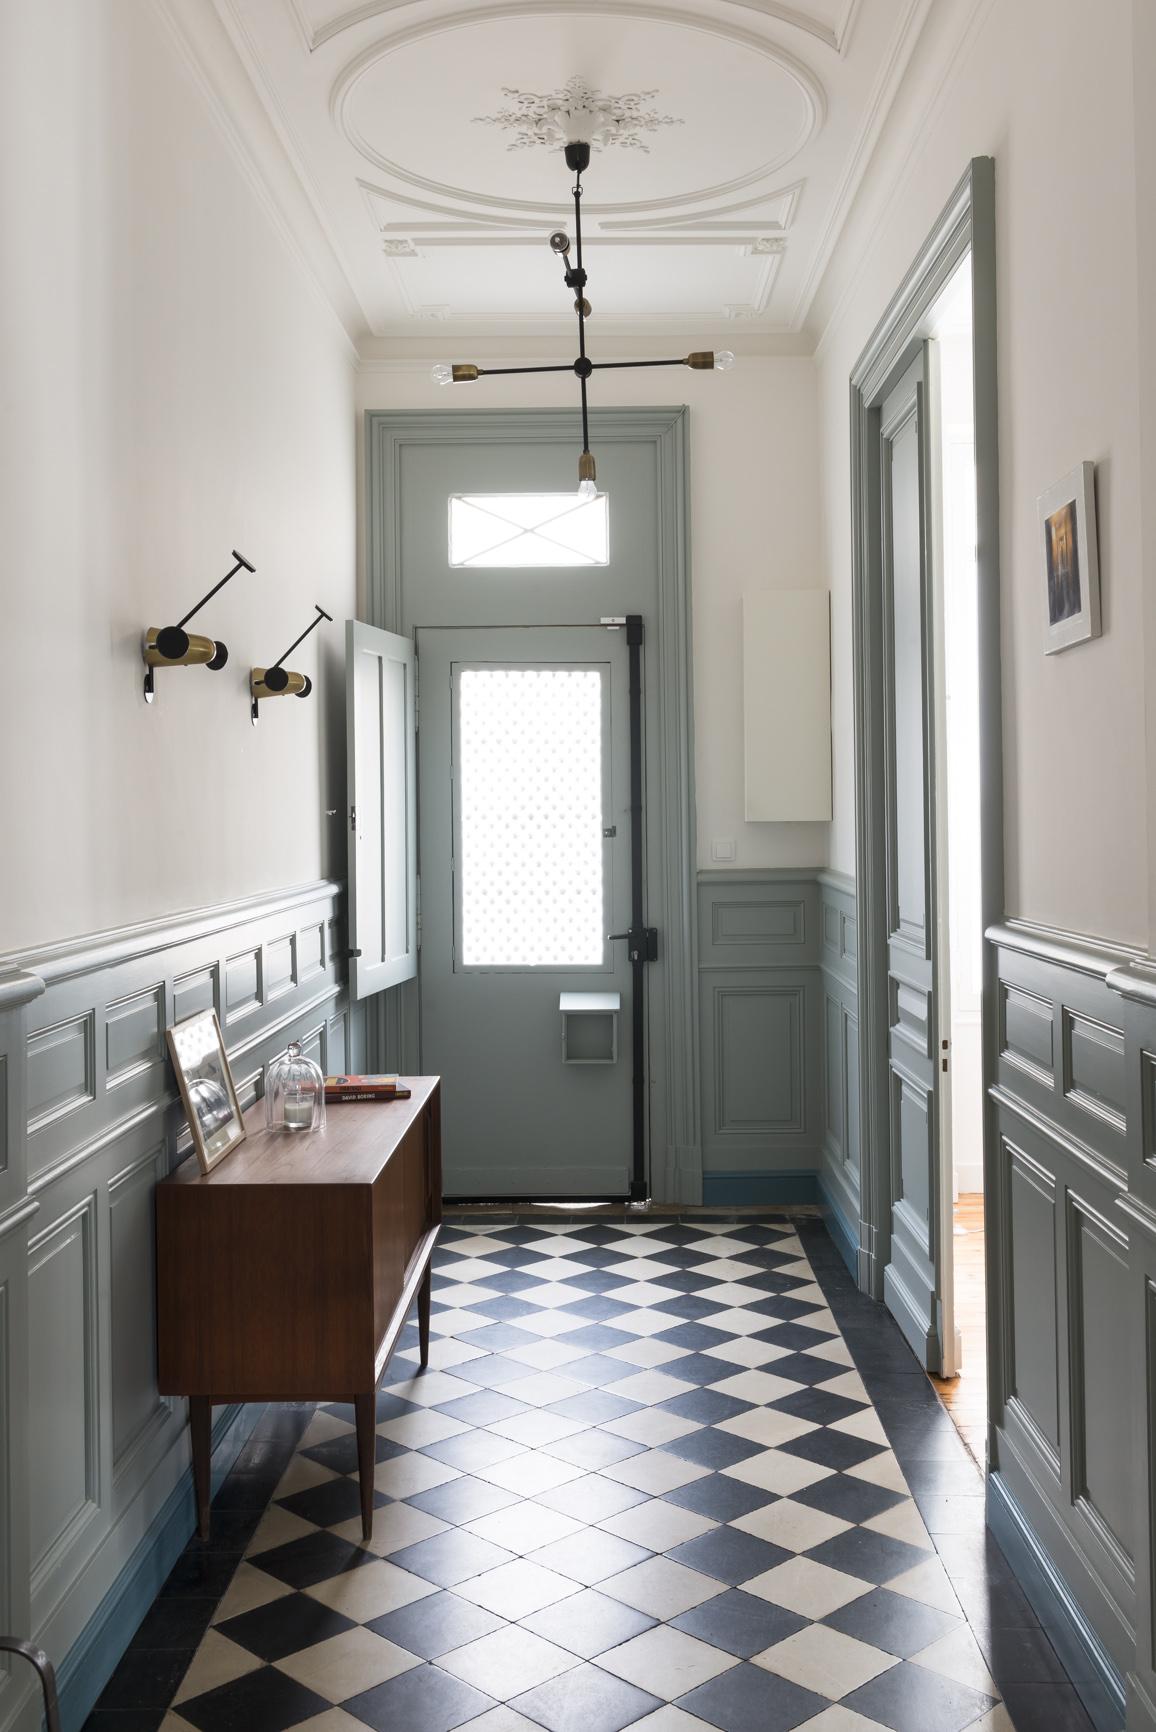 Déco D Entrée Maison fusion d – rénovation décoration maison bourgeoise